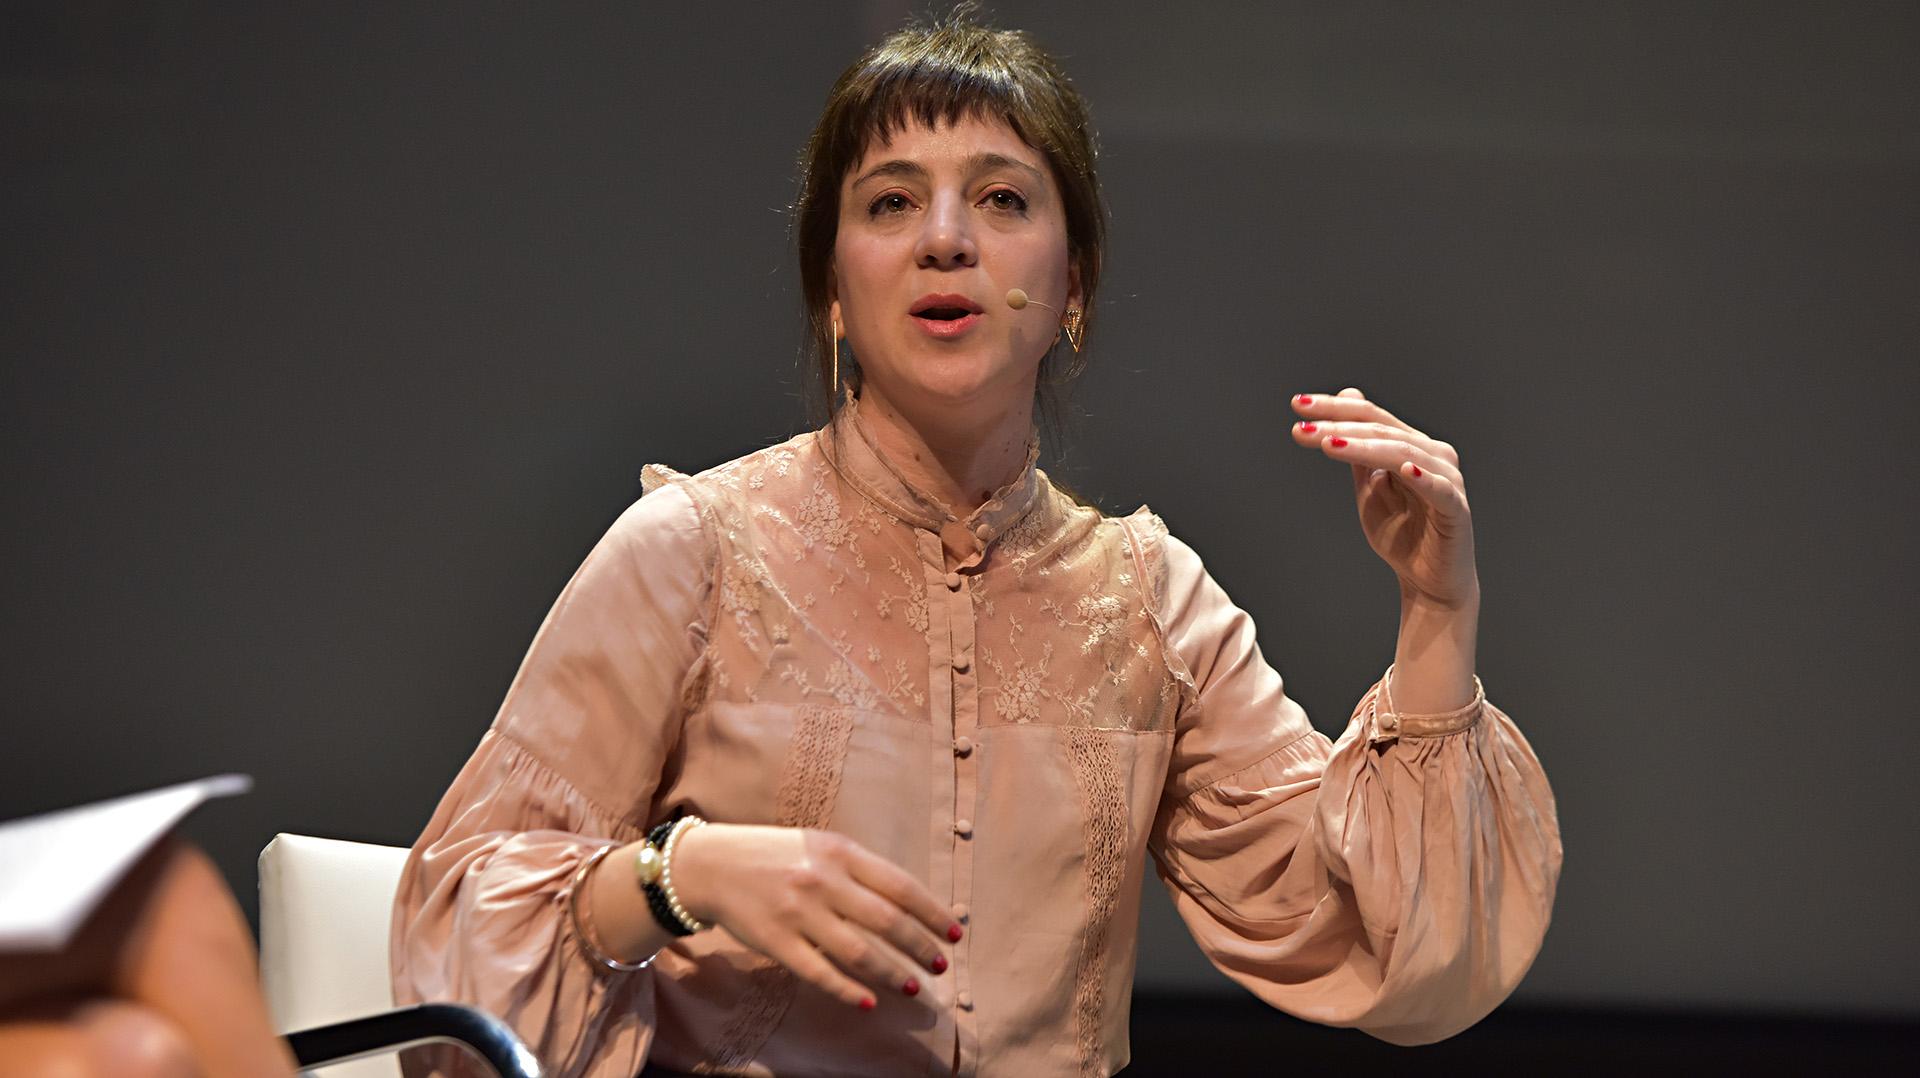 Mercedes D'Alessandro esautora del libro 'Economía Feminista. Como construir una sociedad igualitariasin perder el glamour'